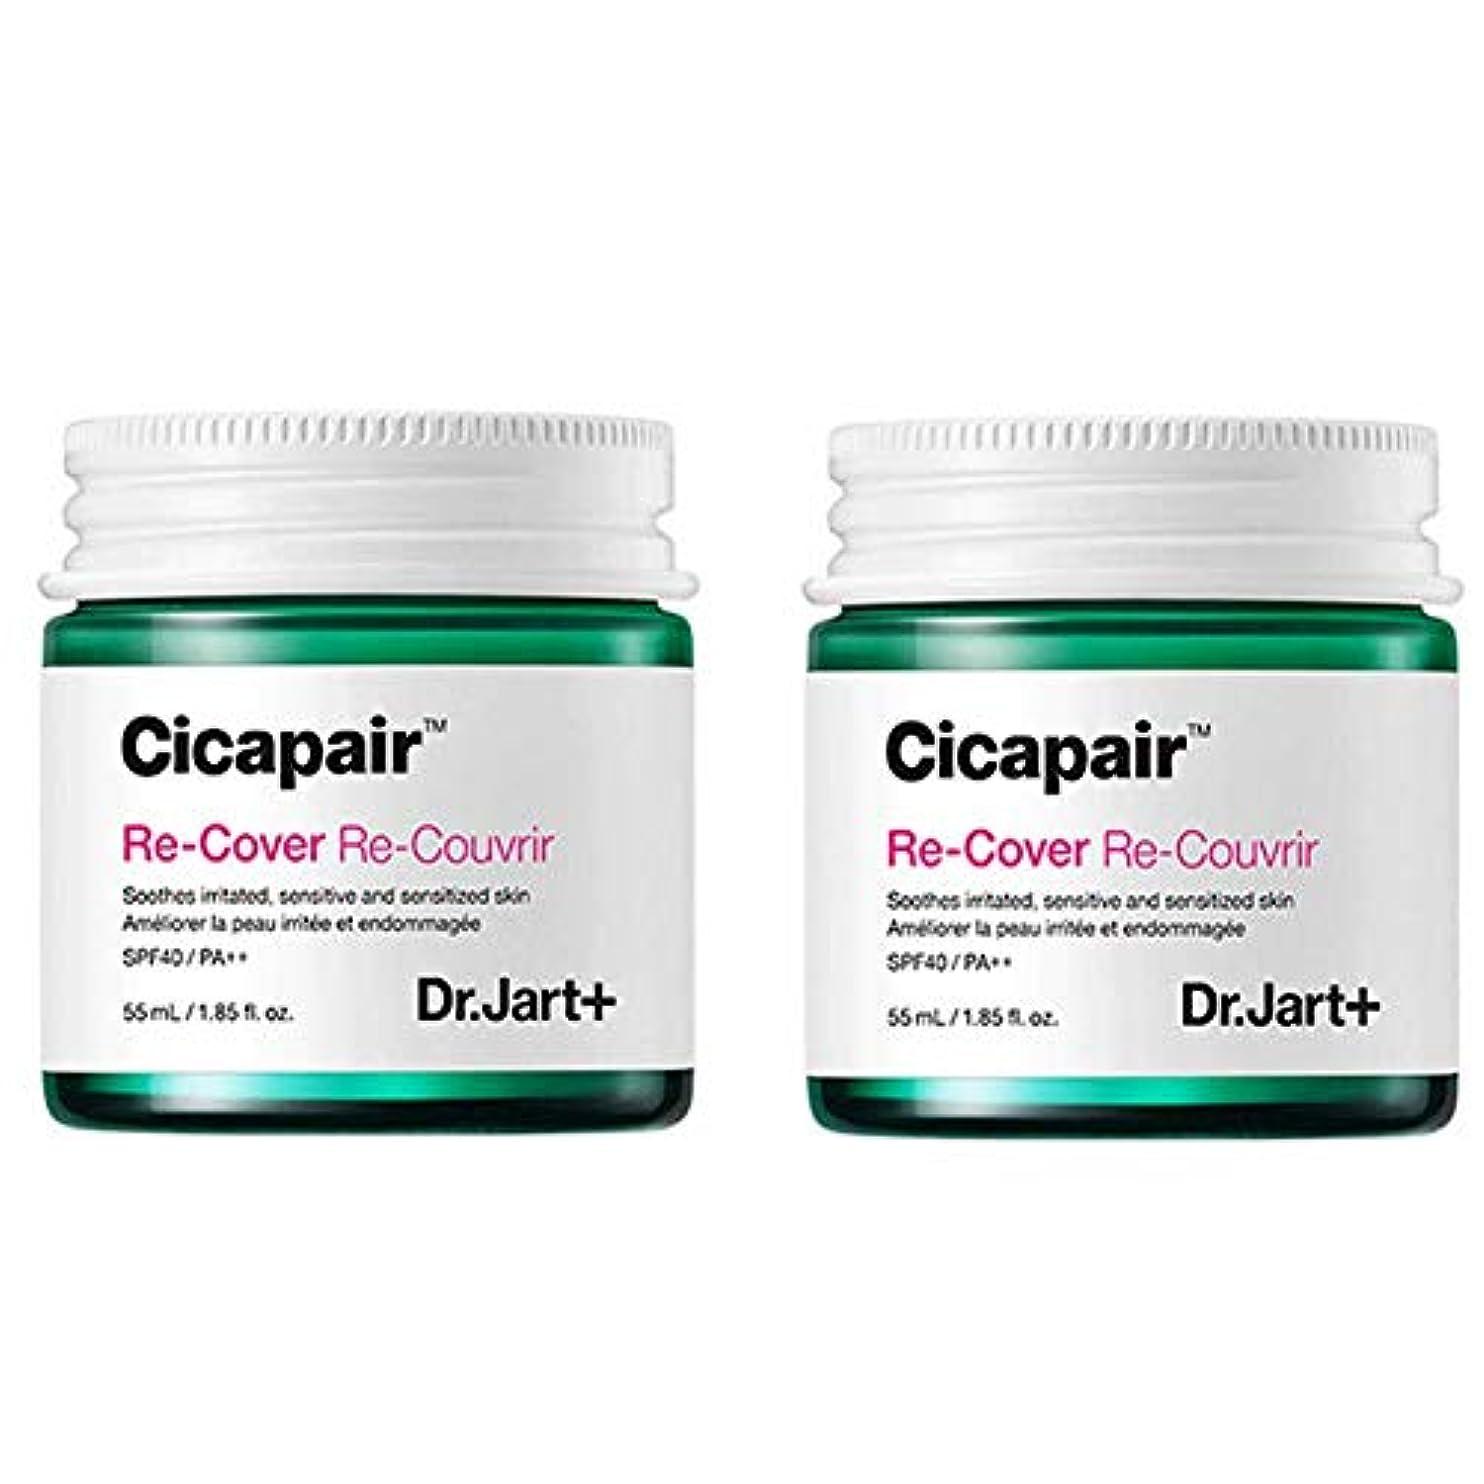 からかう一見家主Dr.Jart+ Cicapair ReCover X 2 ドクタージャルトシカペアリカバー X 2 (2代目)皮膚回復 紫外線カット 黄砂ケア [並行輸入品]